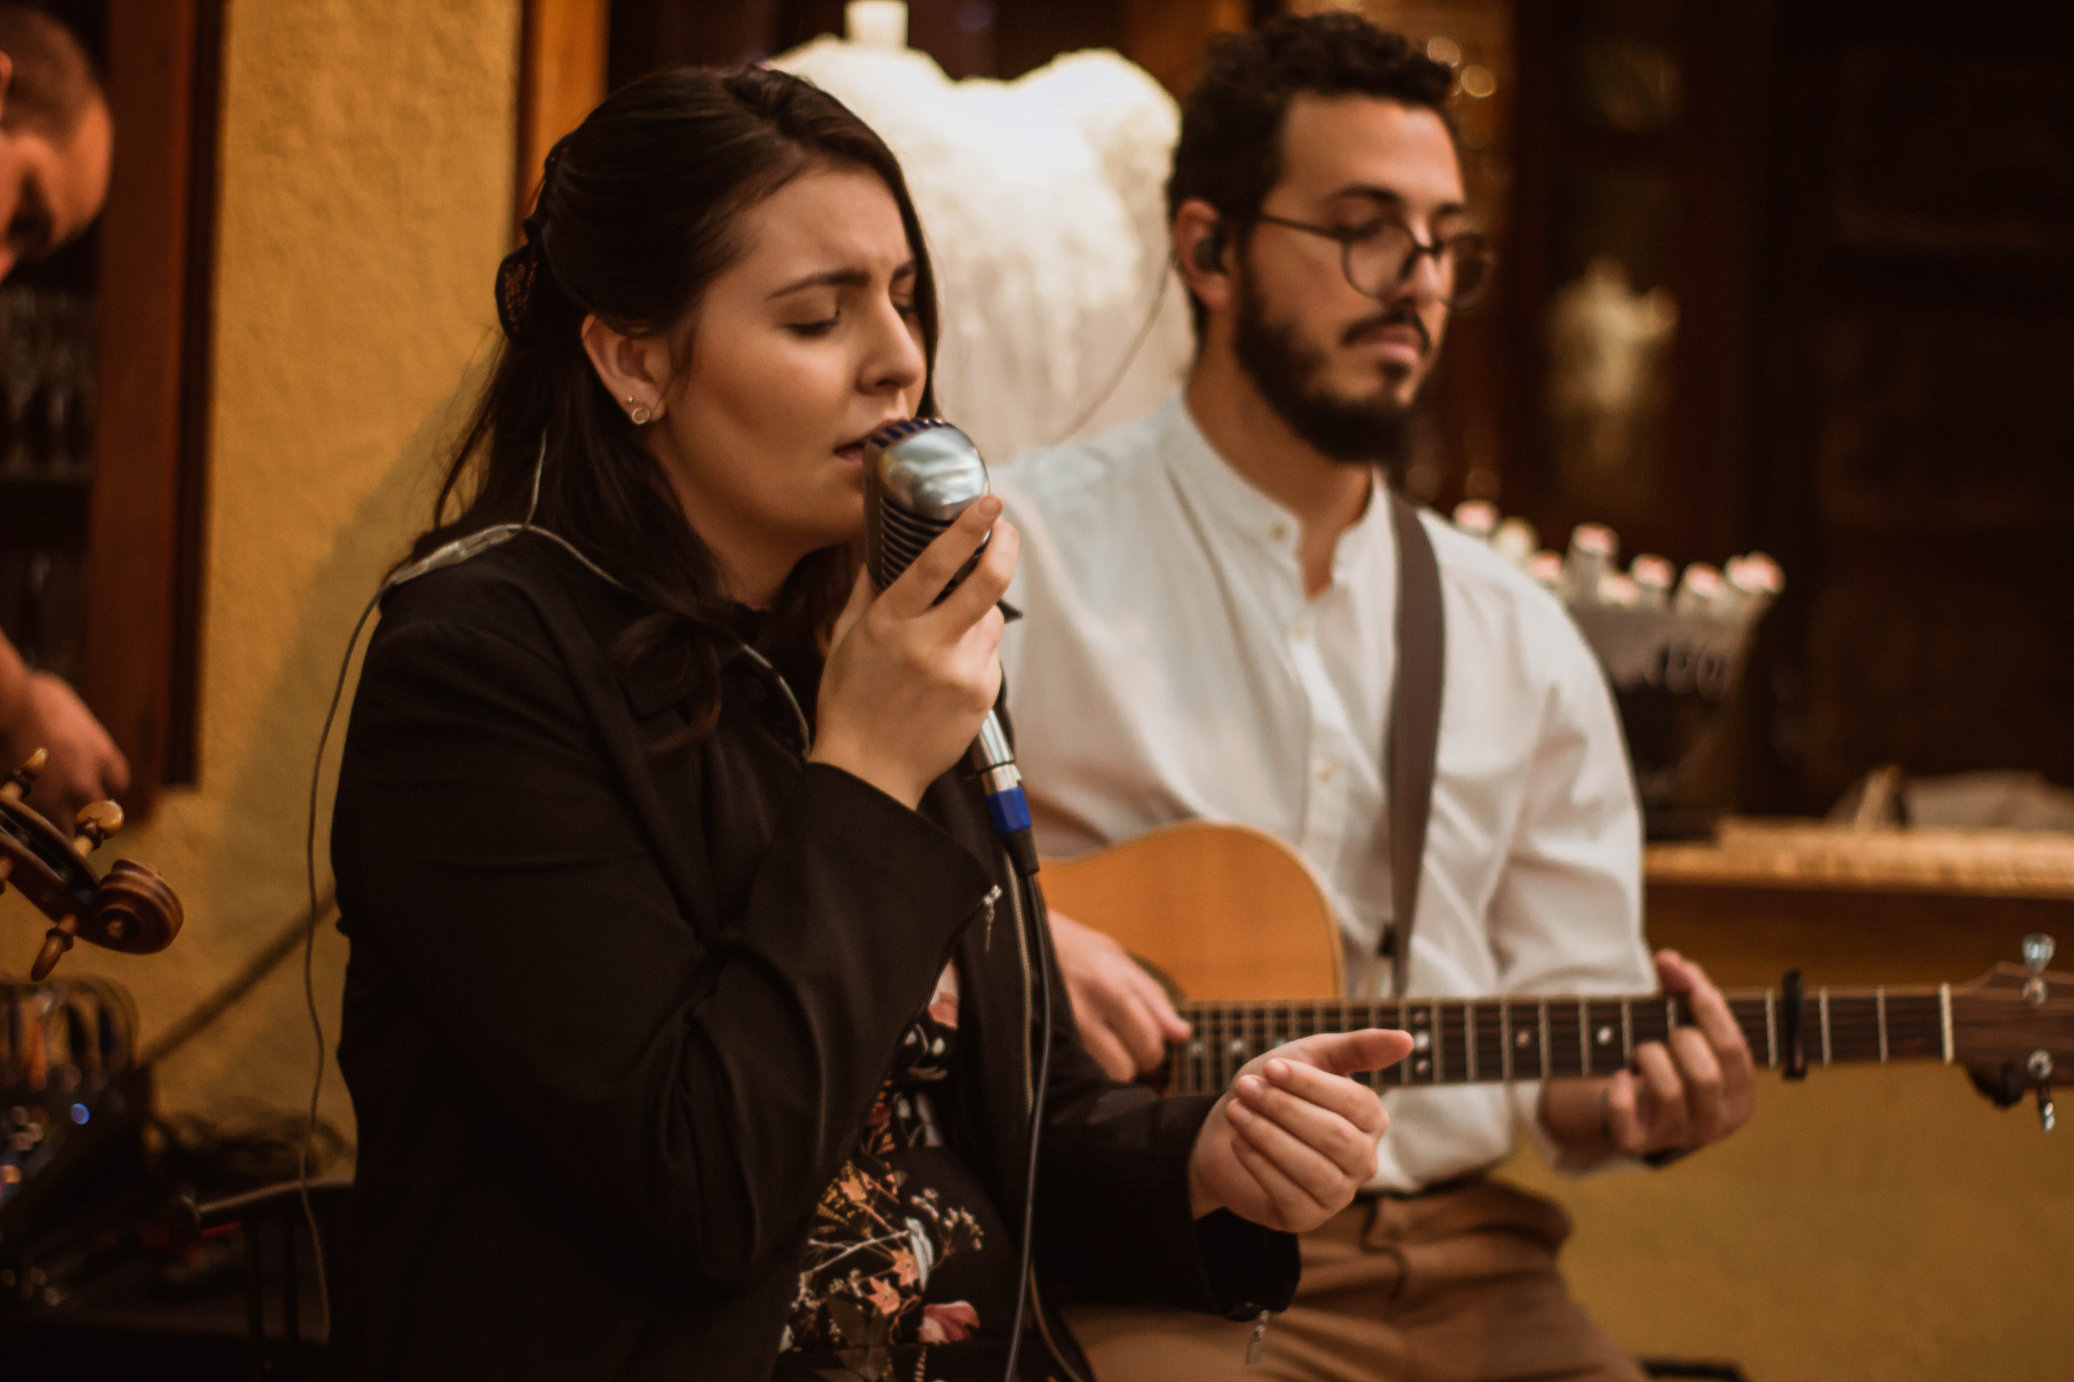 Foto Casamento Mariana e André Voz Violão Violino 07